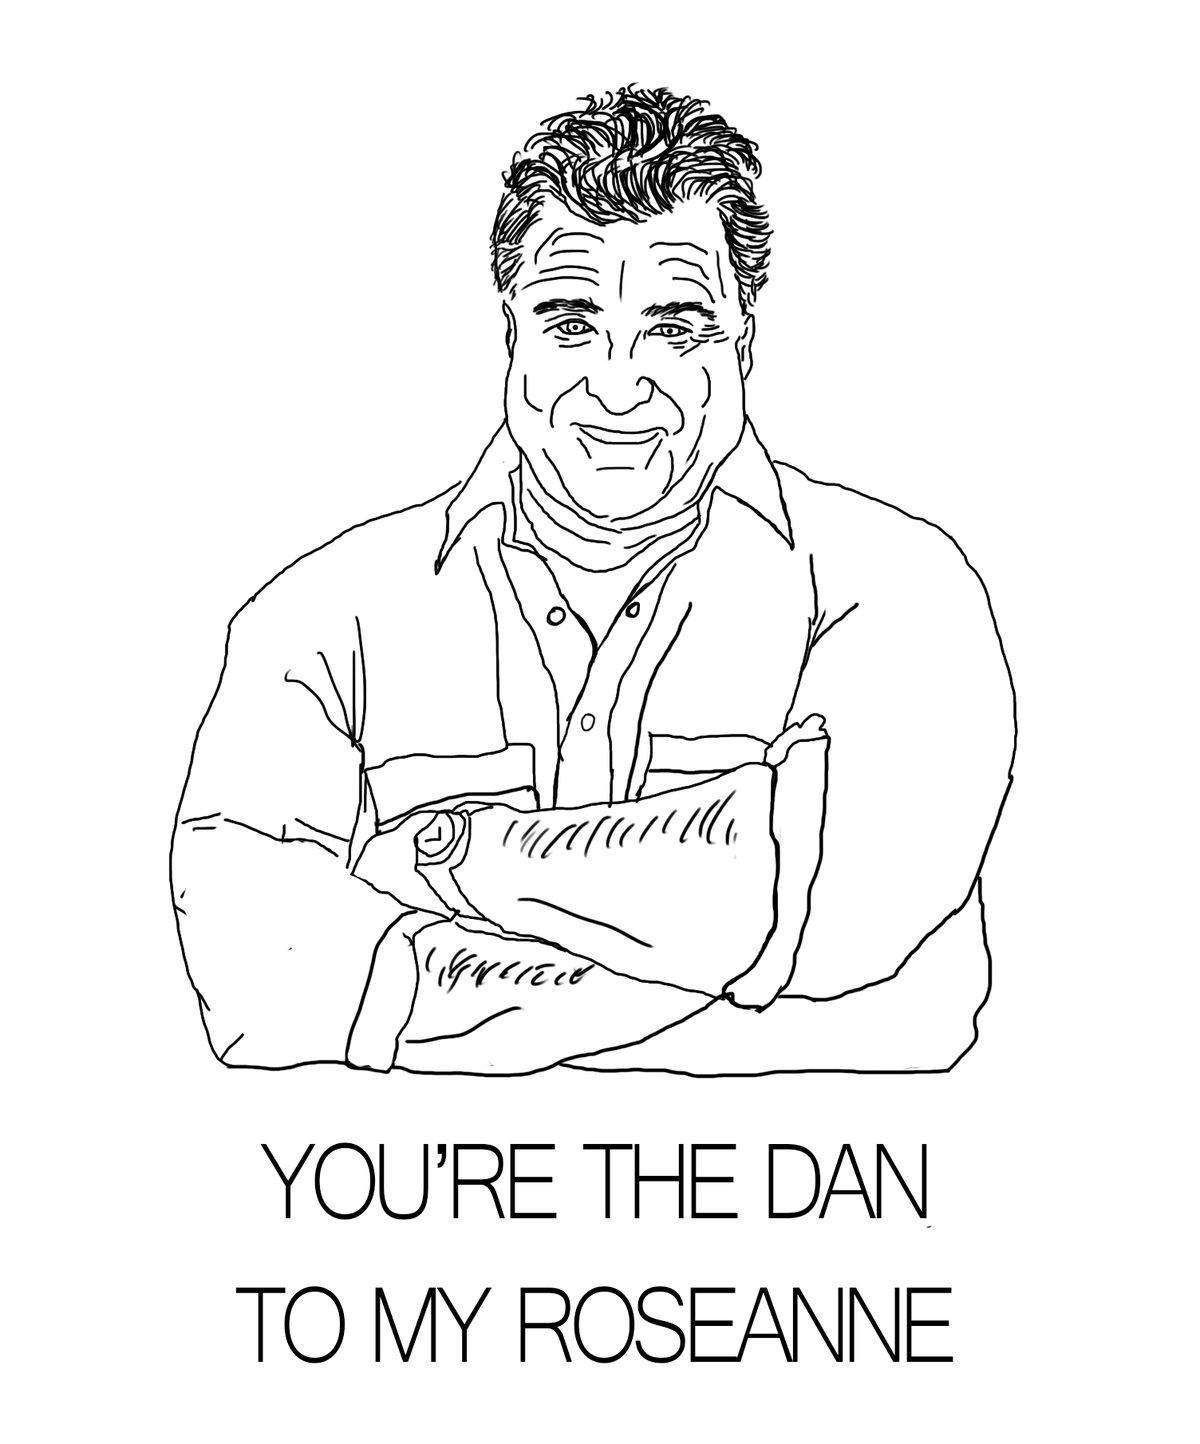 Image of Dan Card